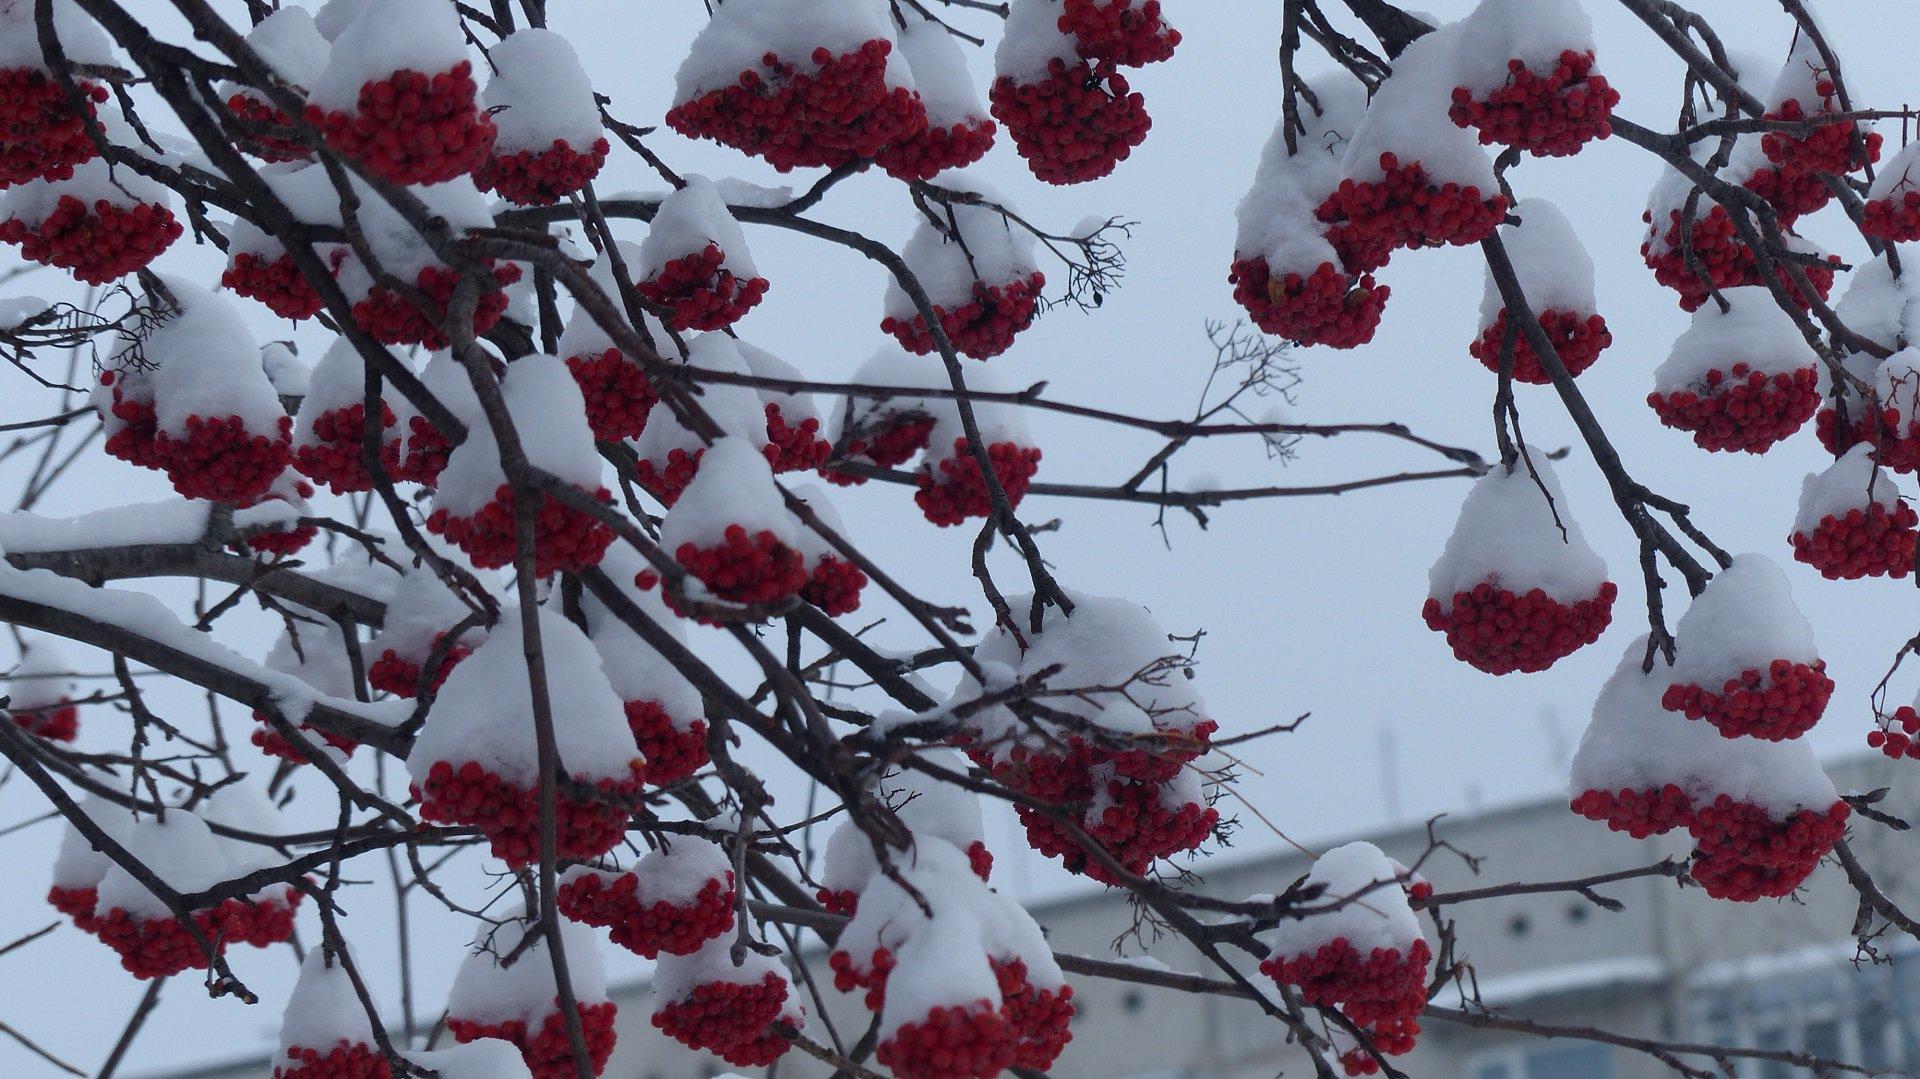 сердце из красной рябины на снегу фото если что